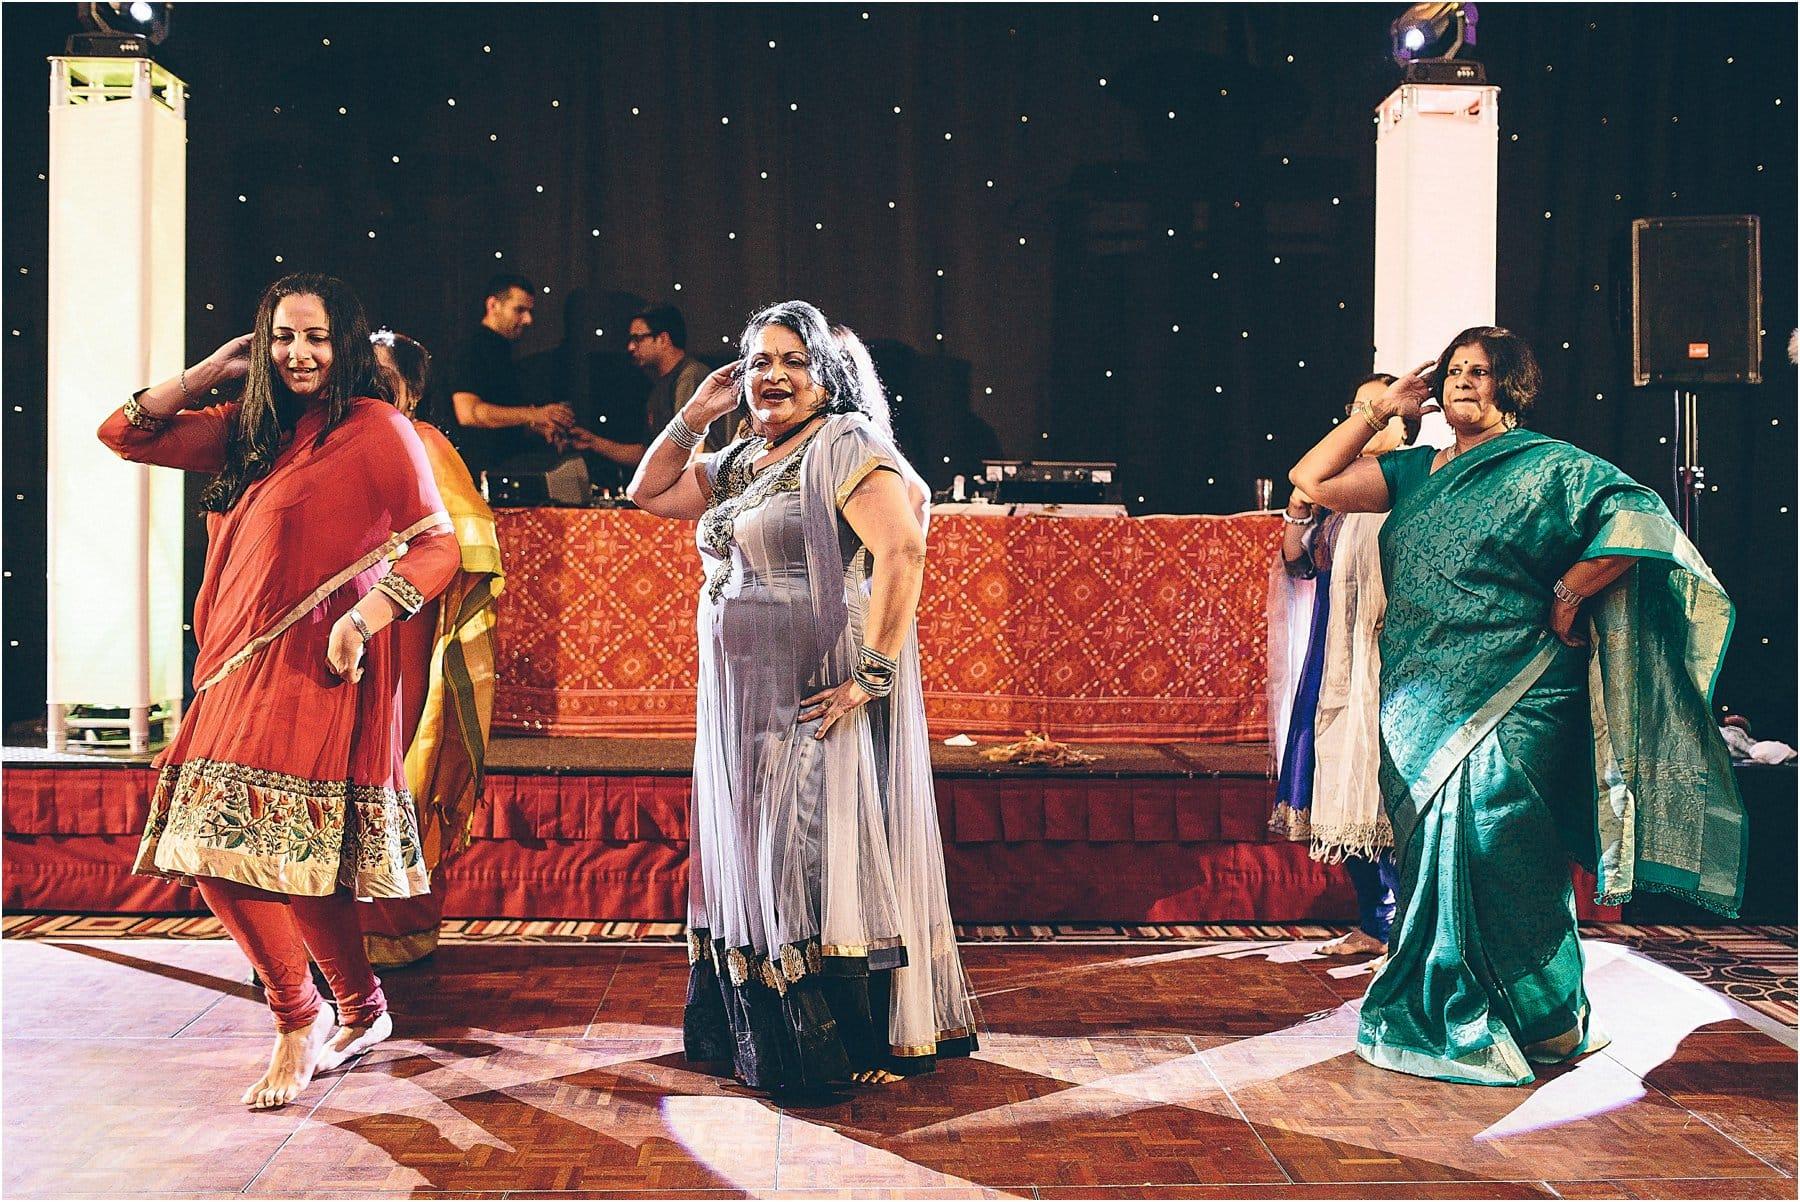 Lancashire_Indian_Wedding_Photography_0041